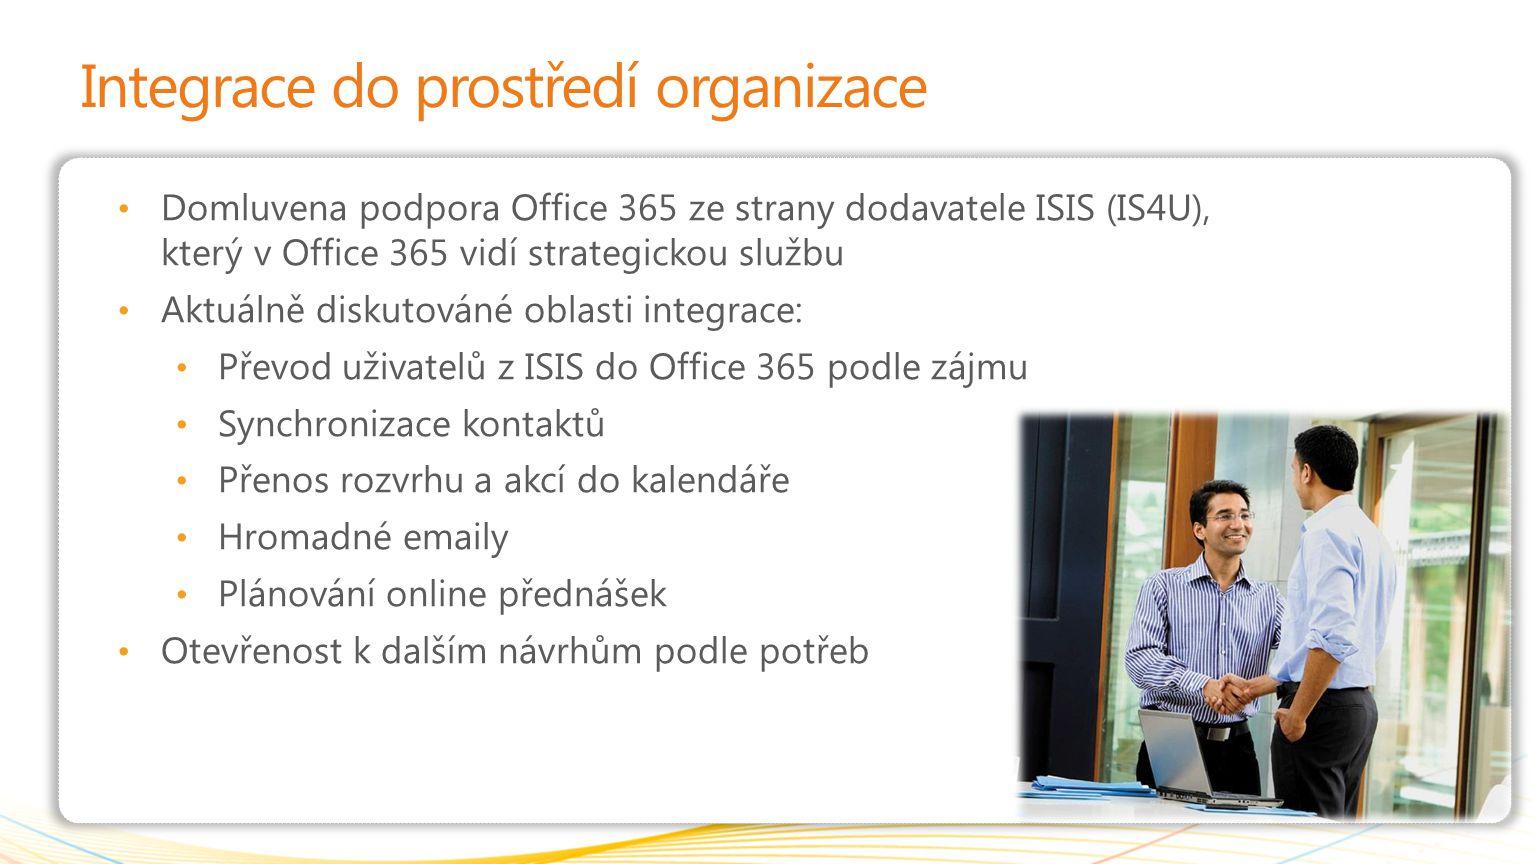 Integrace do prostředí organizace